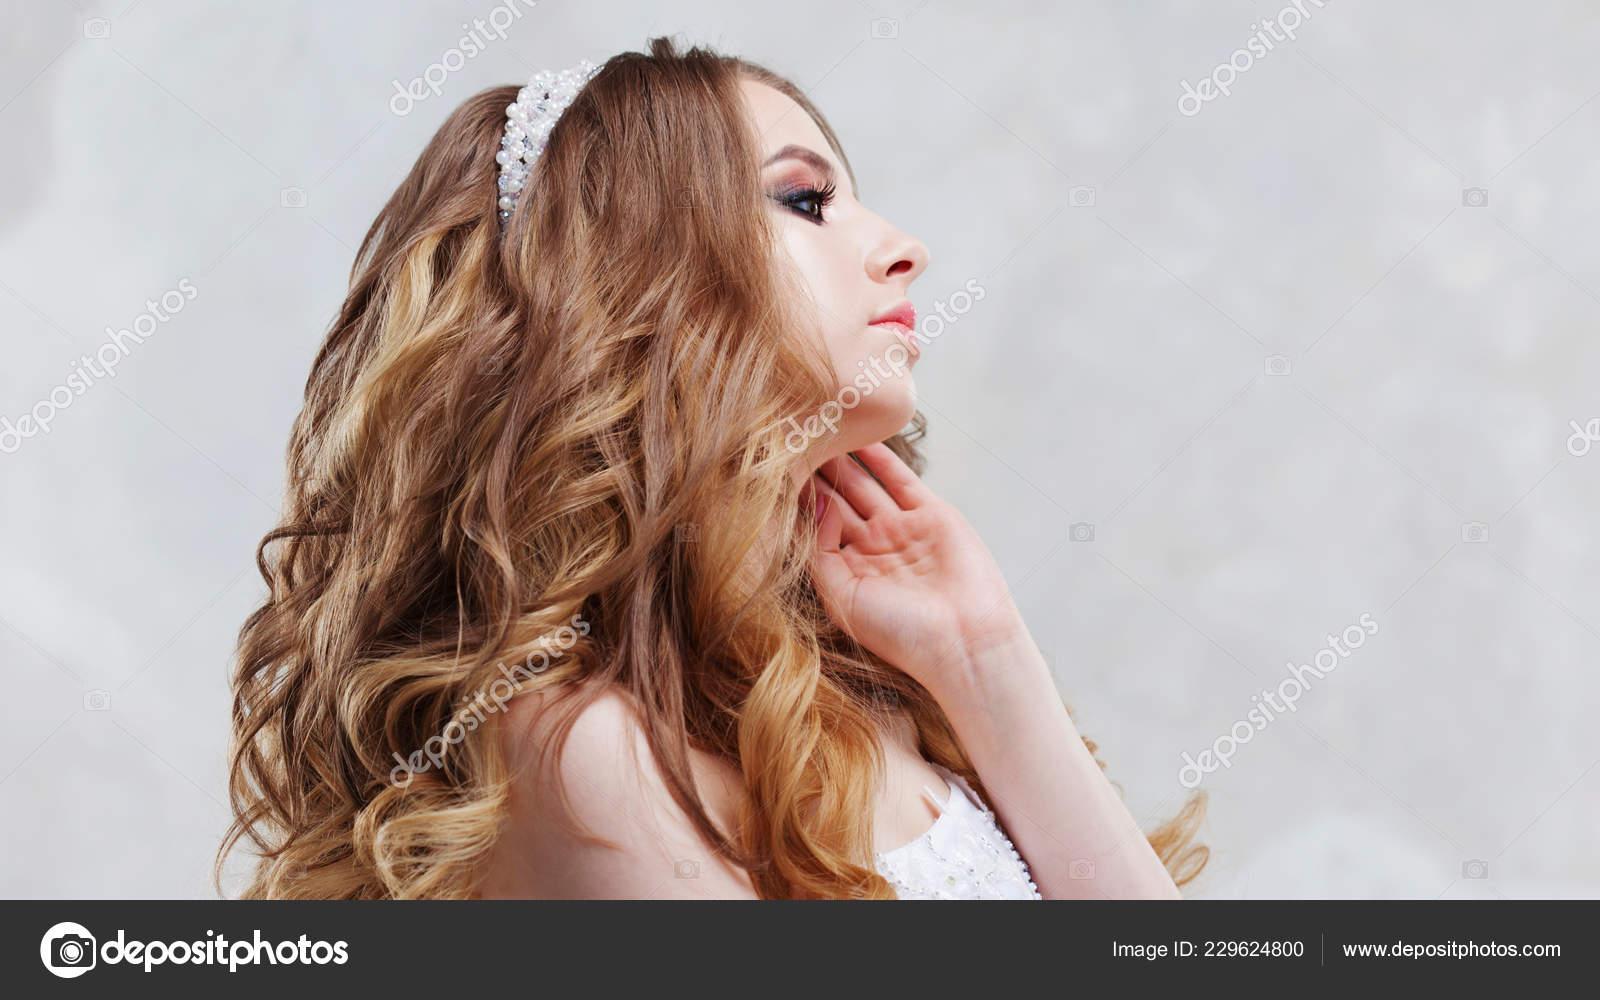 Charmante Junge Braut Mit Luxus Frisur Schone Frau Mit Modischen